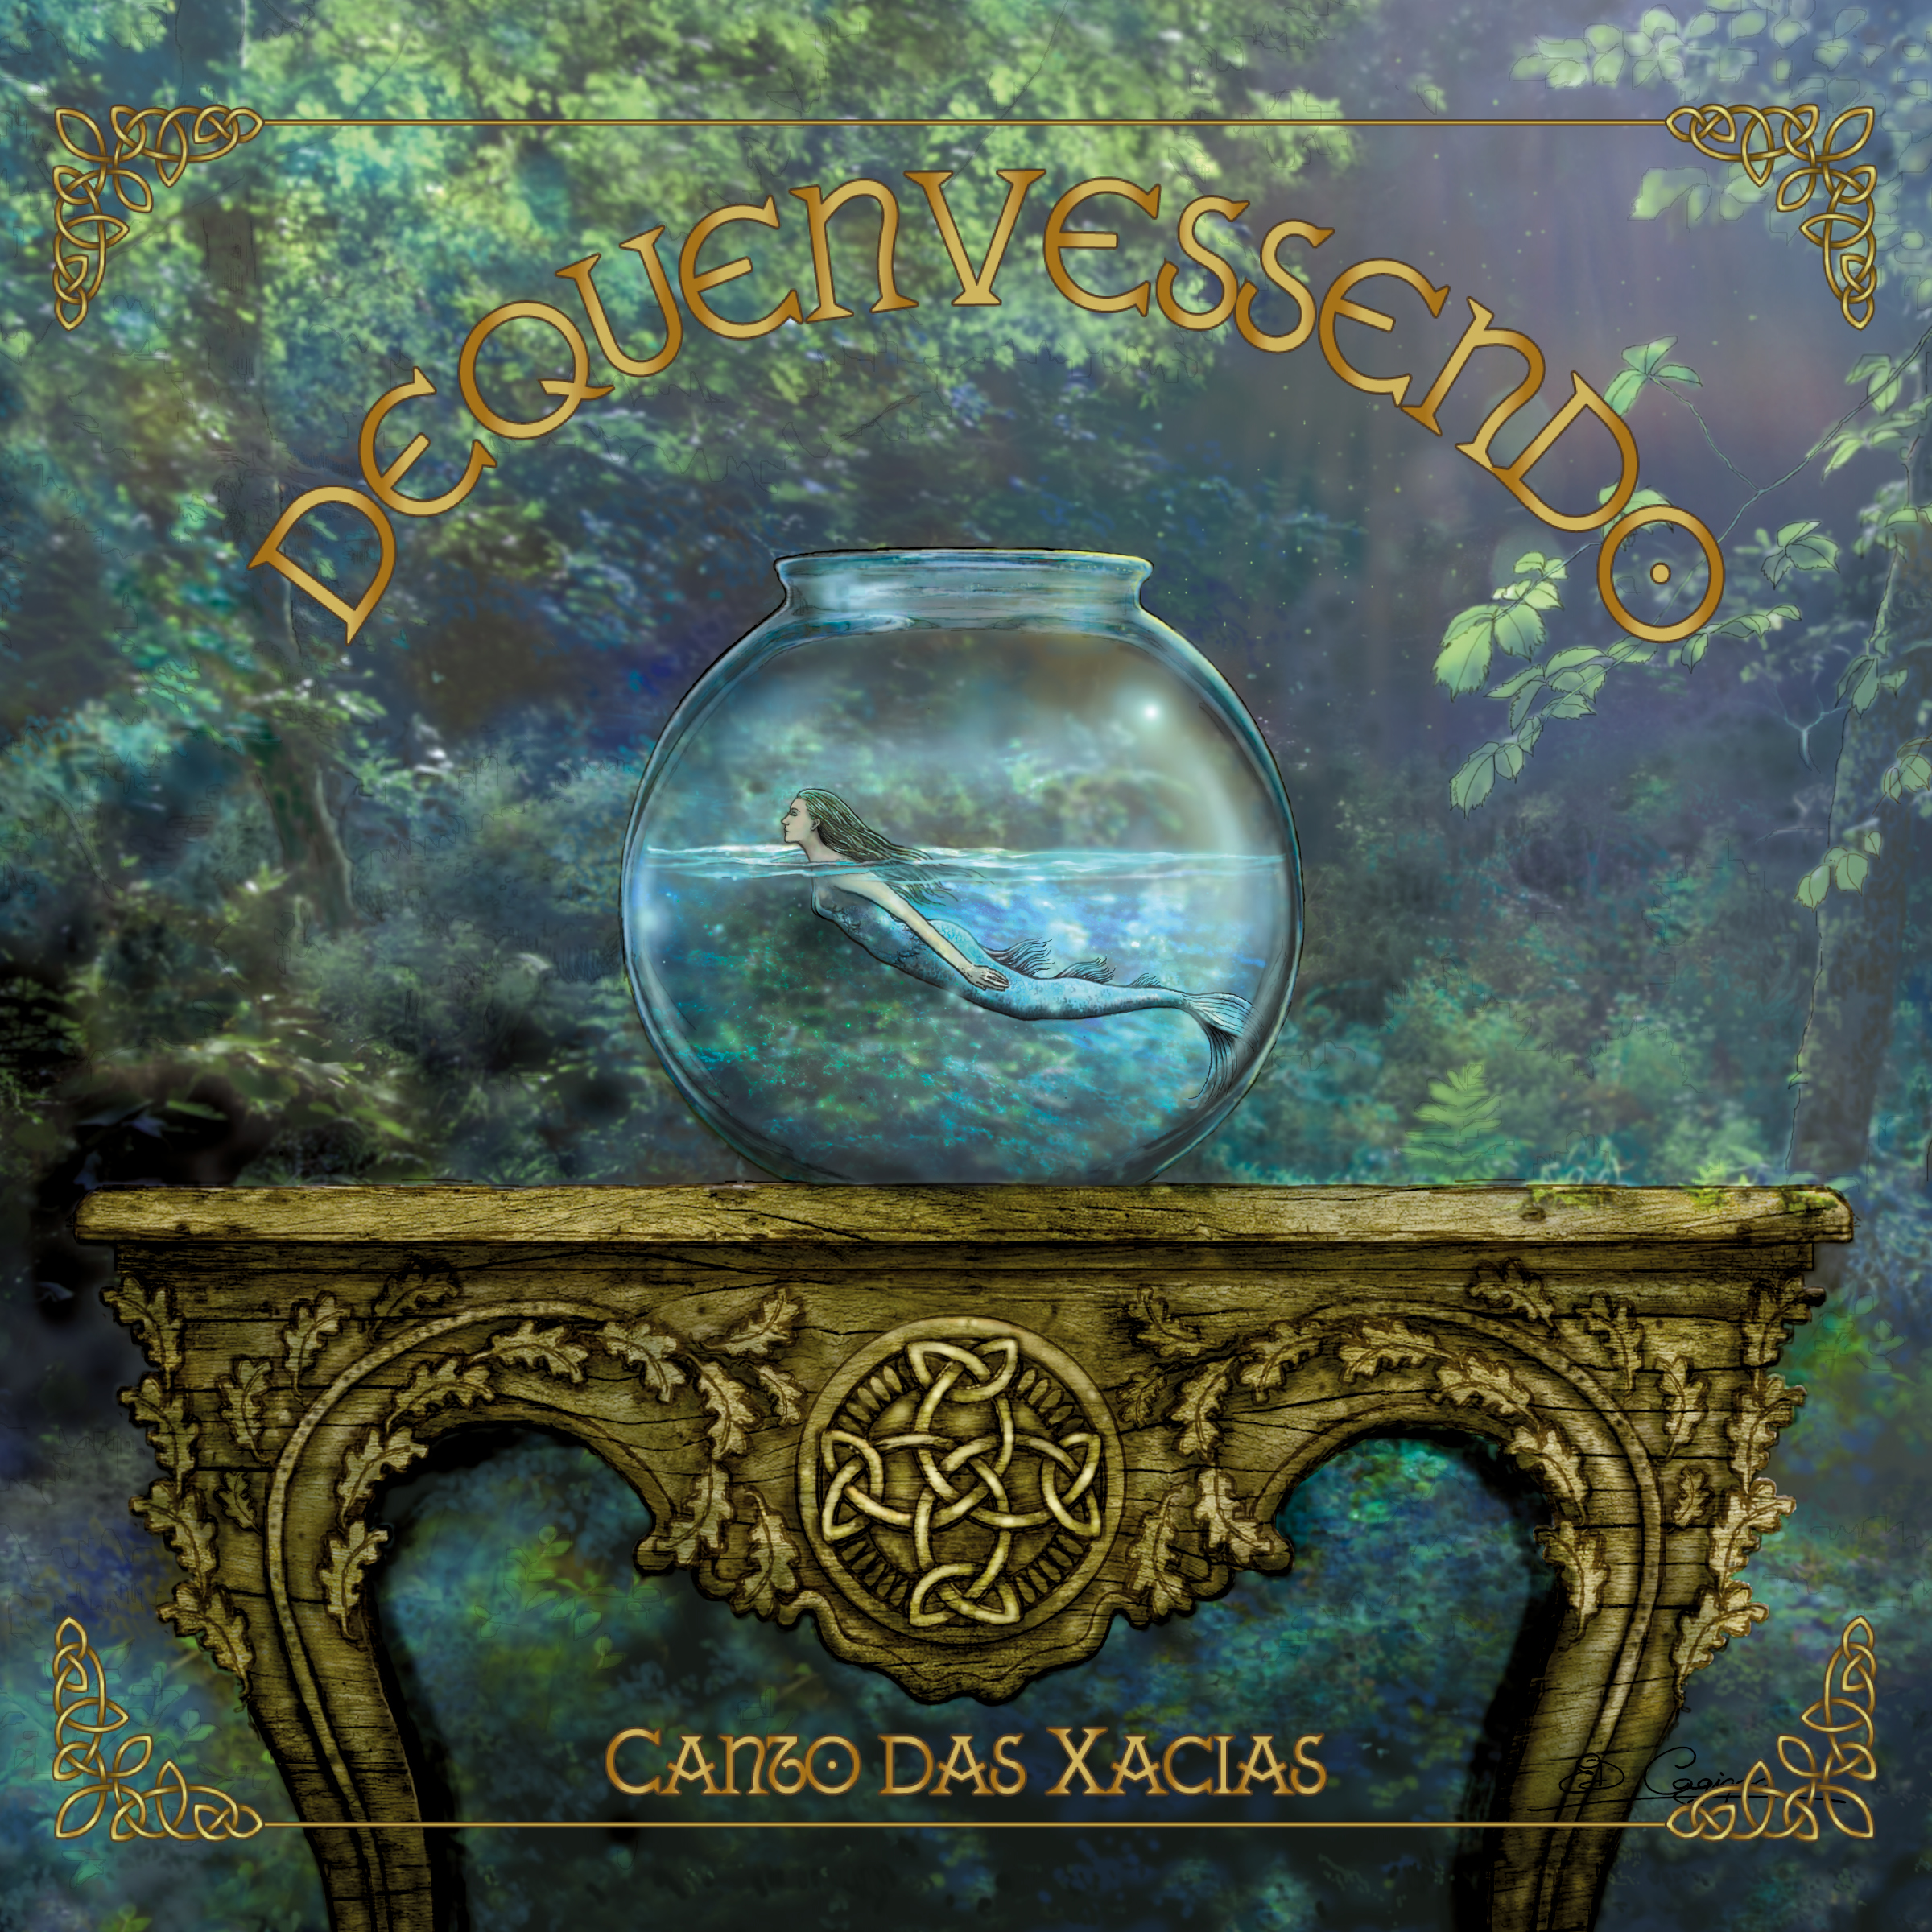 O grupo presenta este traballo no Teatro Rosalía de Castro da Coruña o venres 18